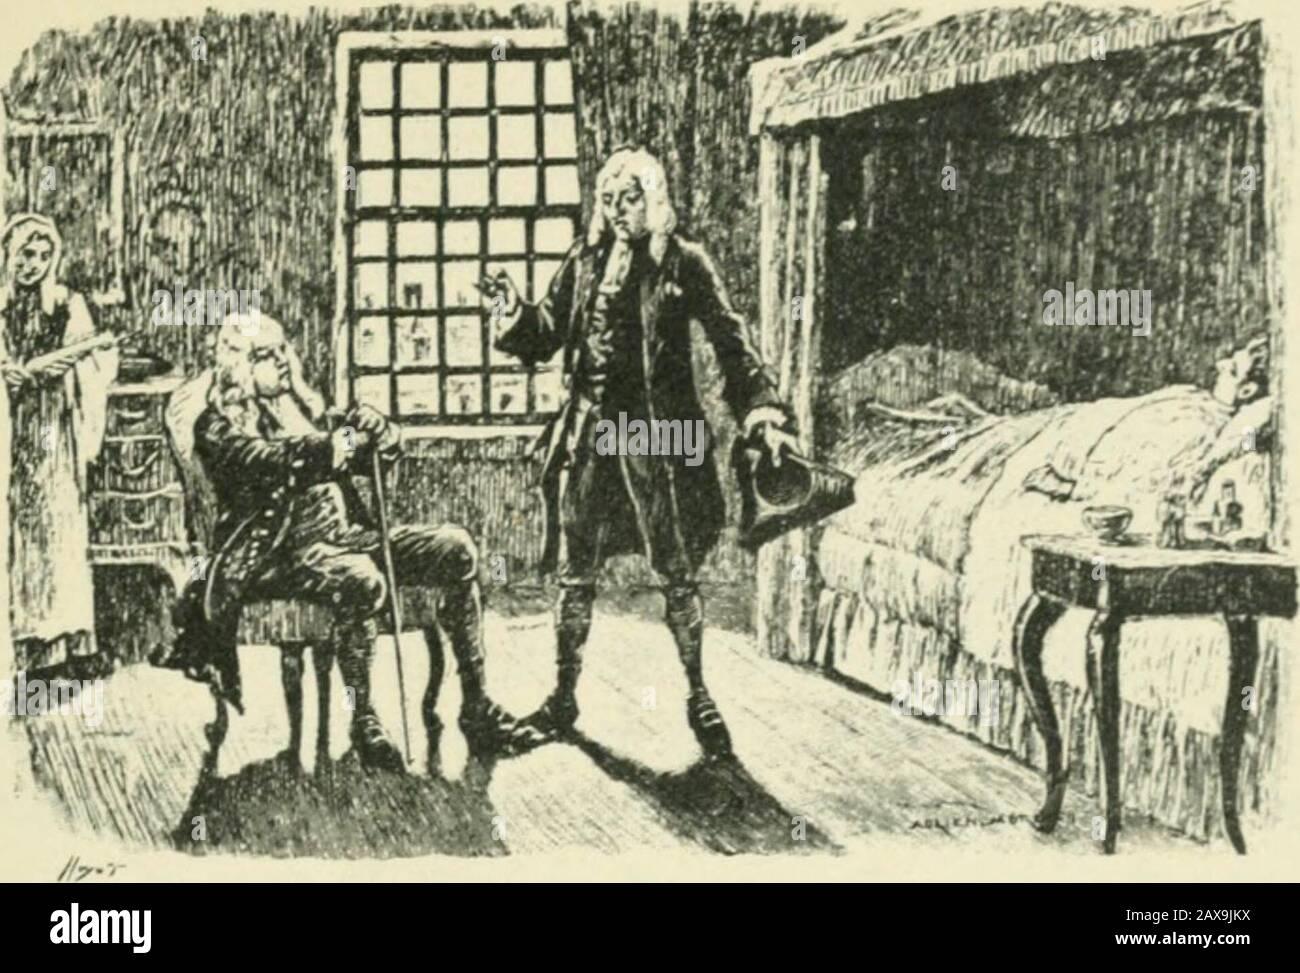 Candide; ou, l'Optimisme; . iiiiiiiÉiiiiiii^. XXII Ce qui arriva en France à Candide et à Martin. Candide no sarrêta dans Bordeaux quautant de temppquil en fallait pour vendre quelques cailloux du Dorade,et pour slouder dune bonne chaise à deux places,car il ne pouvait Plus se passer de son philosophe Mar-tin; Il fut seulement très fâché de se séparer de sonmouton, quil laissa à lAcadémie des sciences de Bor-deaux, laquelle propose  )our le sujet du j)rix de cetteannée de trouver pourquoi la laine de ce mouton étaitroufir, et prix le fut adjuj du à,   du déun du déquier Foto Stock